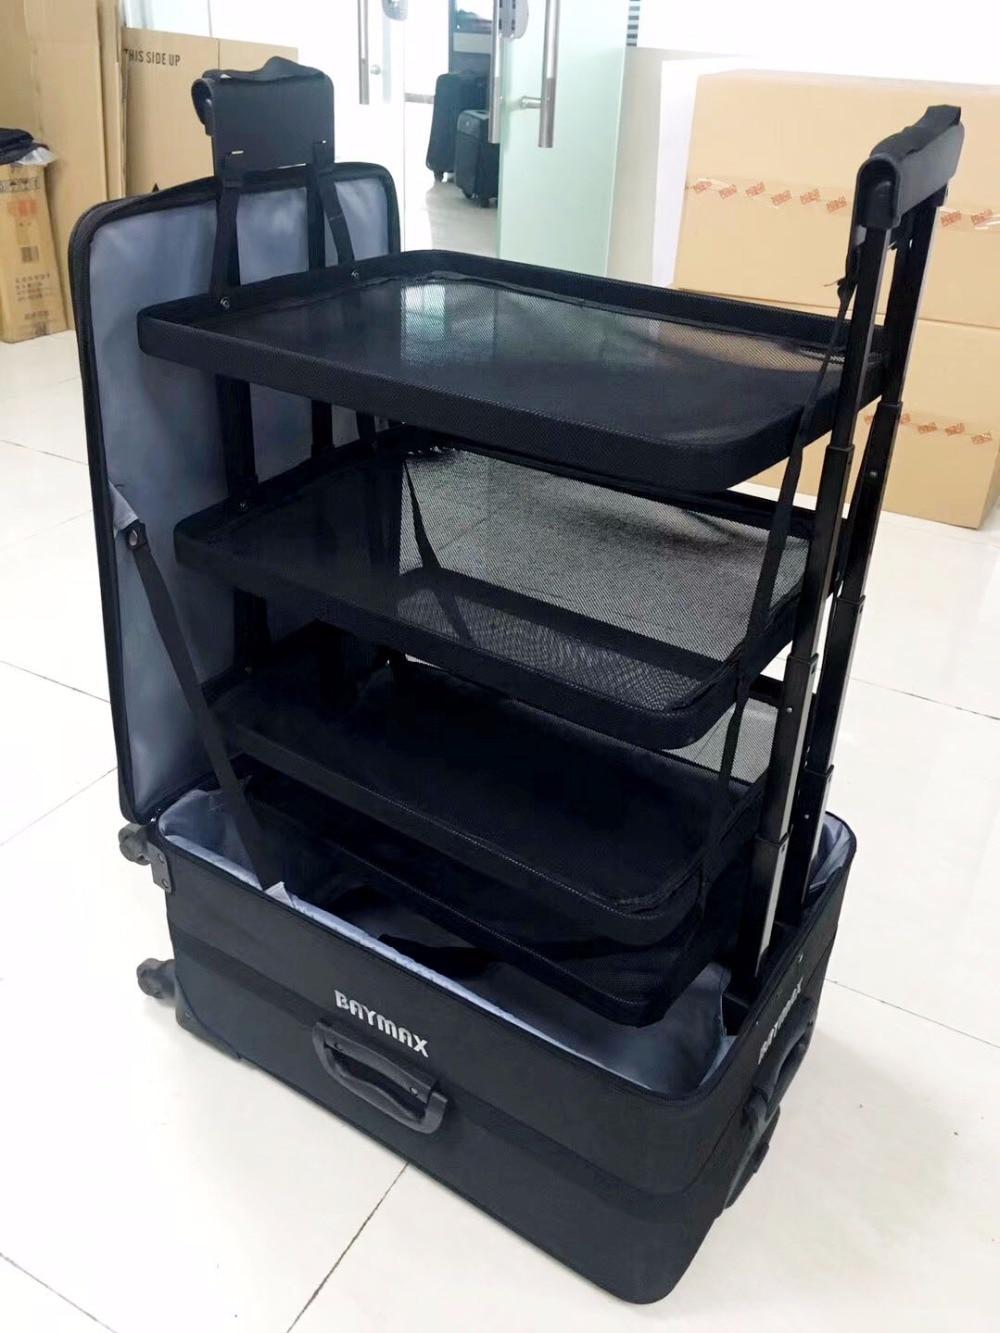 CARRYLOVE la série de bagages long voyage 26 pouces, valise de voyage étanche-in Bagages à roulettes from Baggages et sacs    2